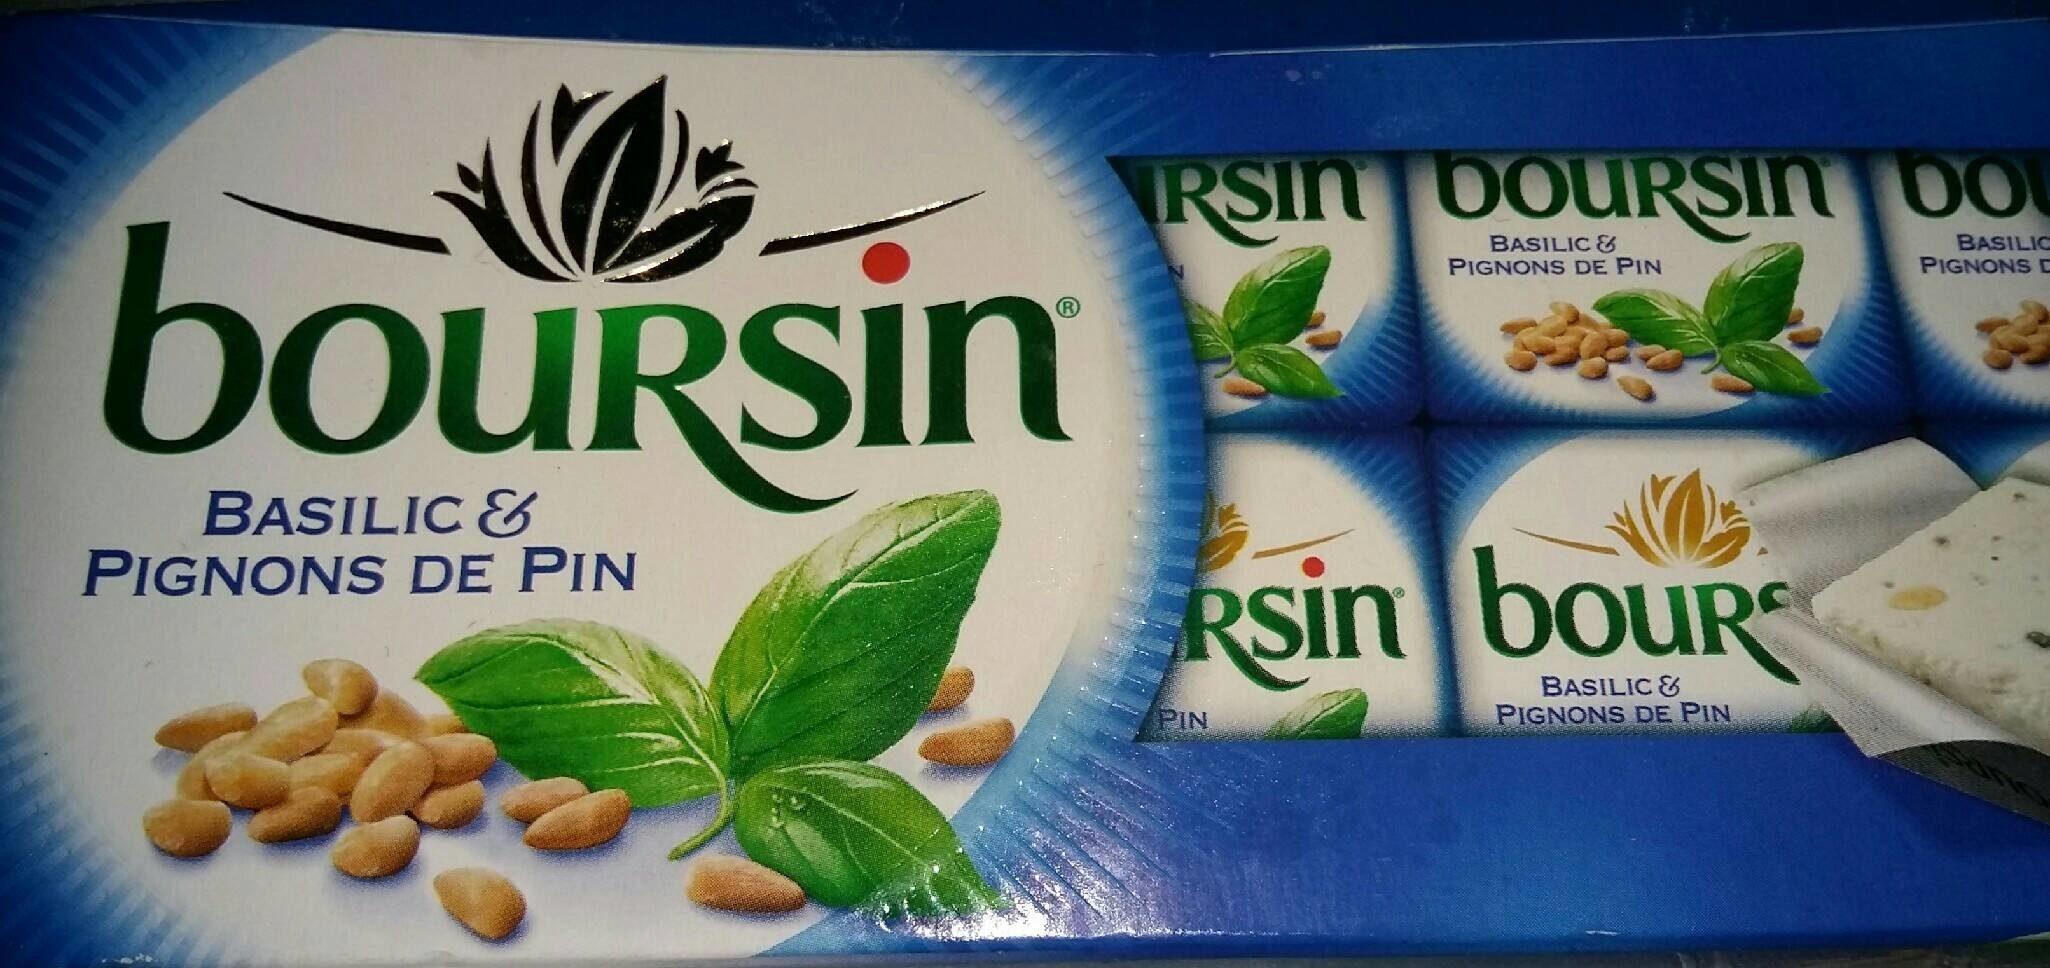 Fromage basilic & pignons de pin 10 x 16 g - Produit - fr